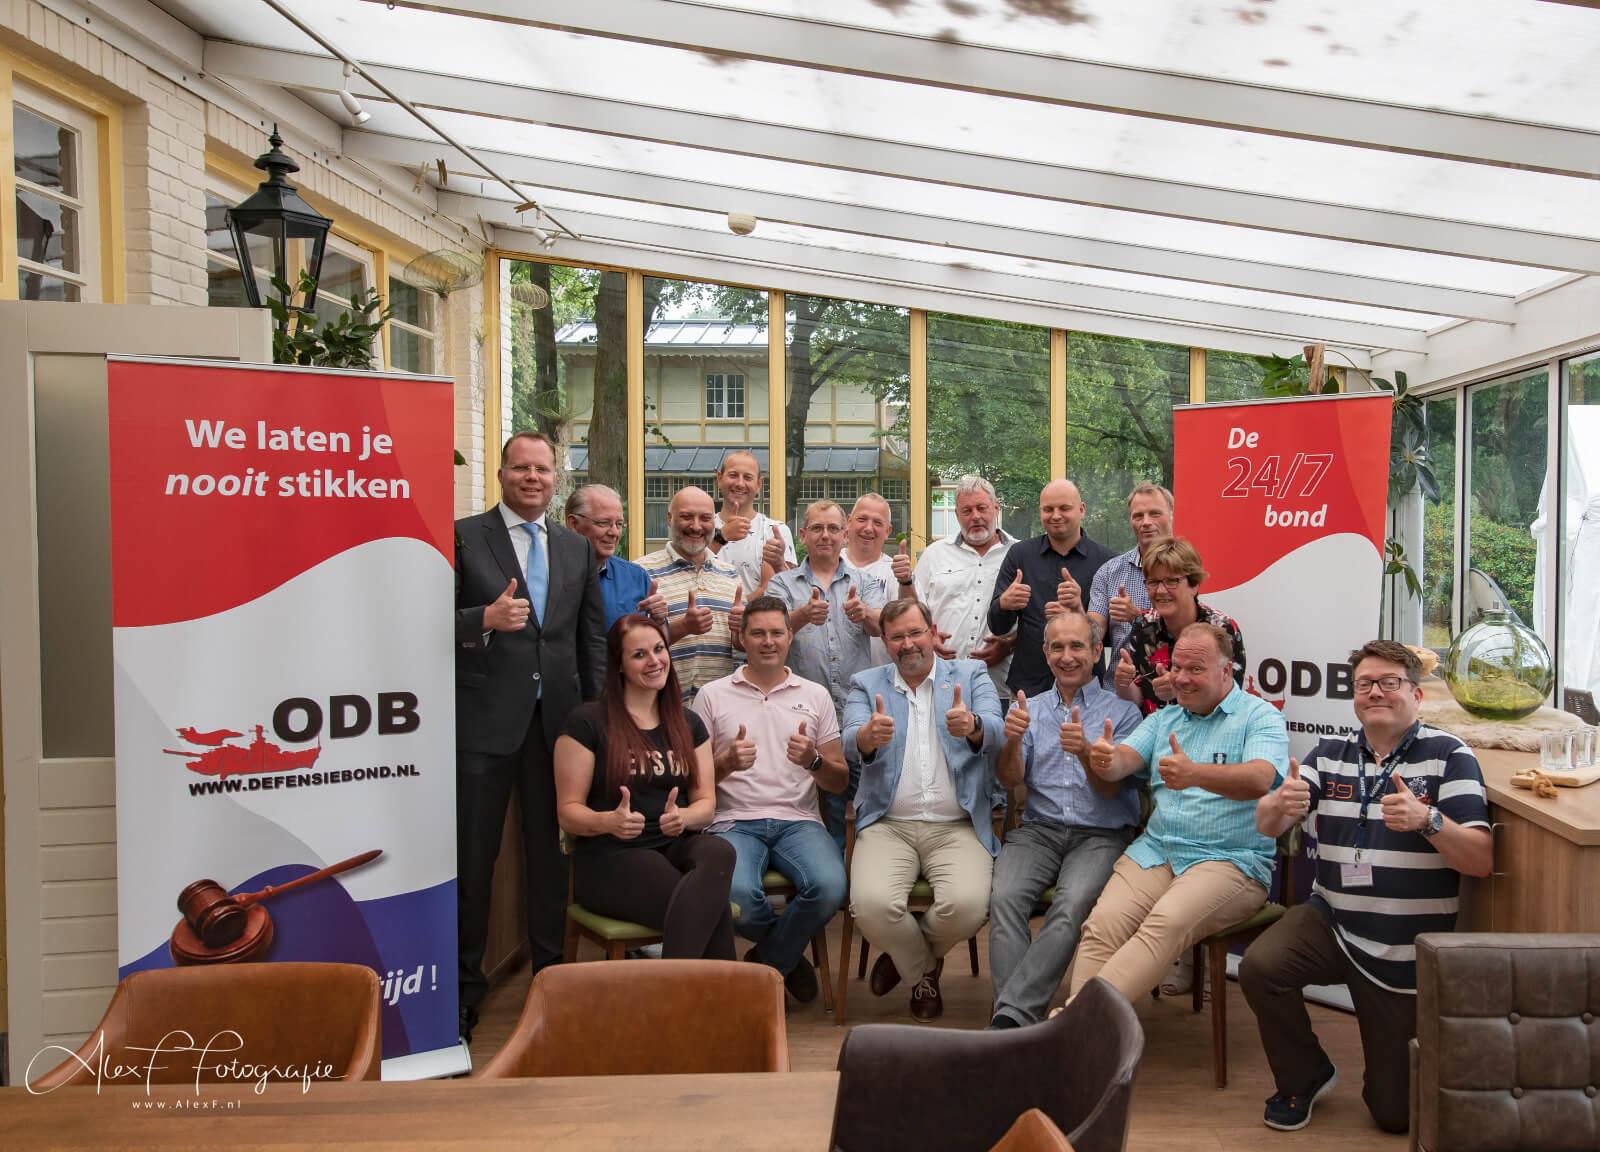 Team-Onafhankelijke-Defensiebond-2018-ODB